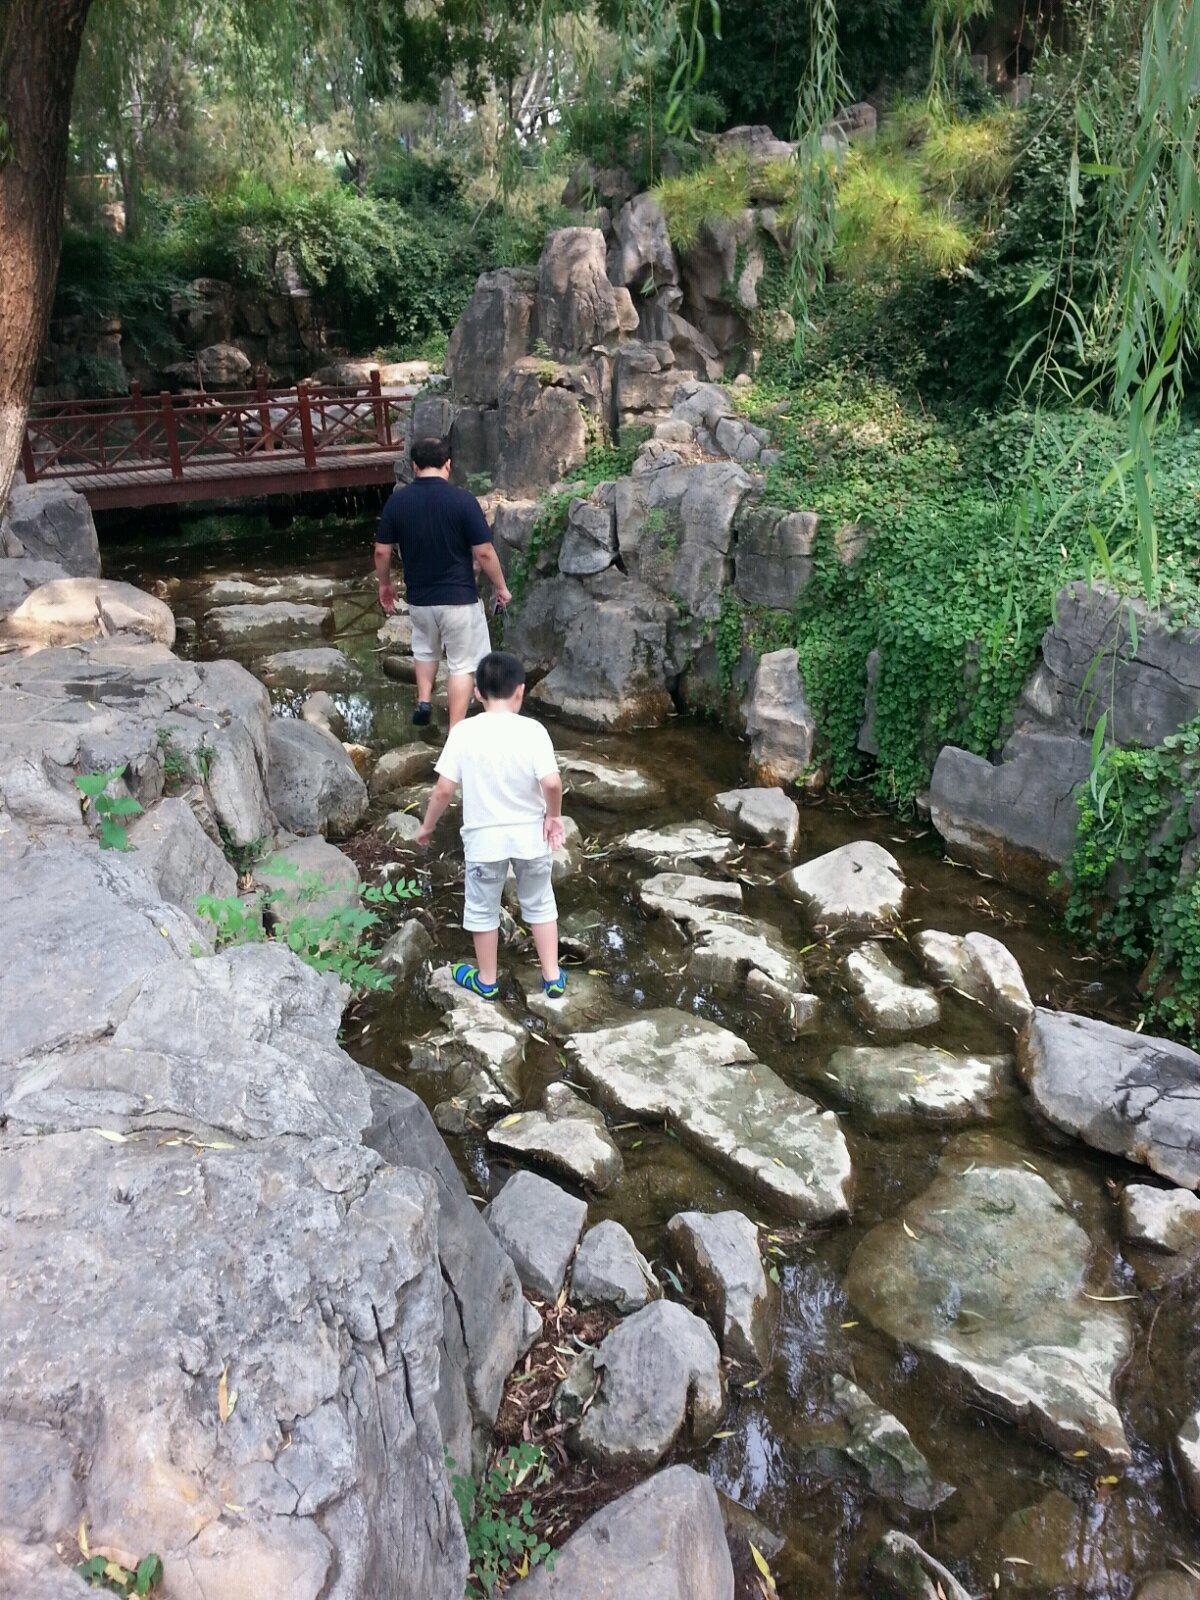 """趵突泉景区 """"趵突泉""""对面就是""""五龙潭"""",两地相近,可以一并游玩."""